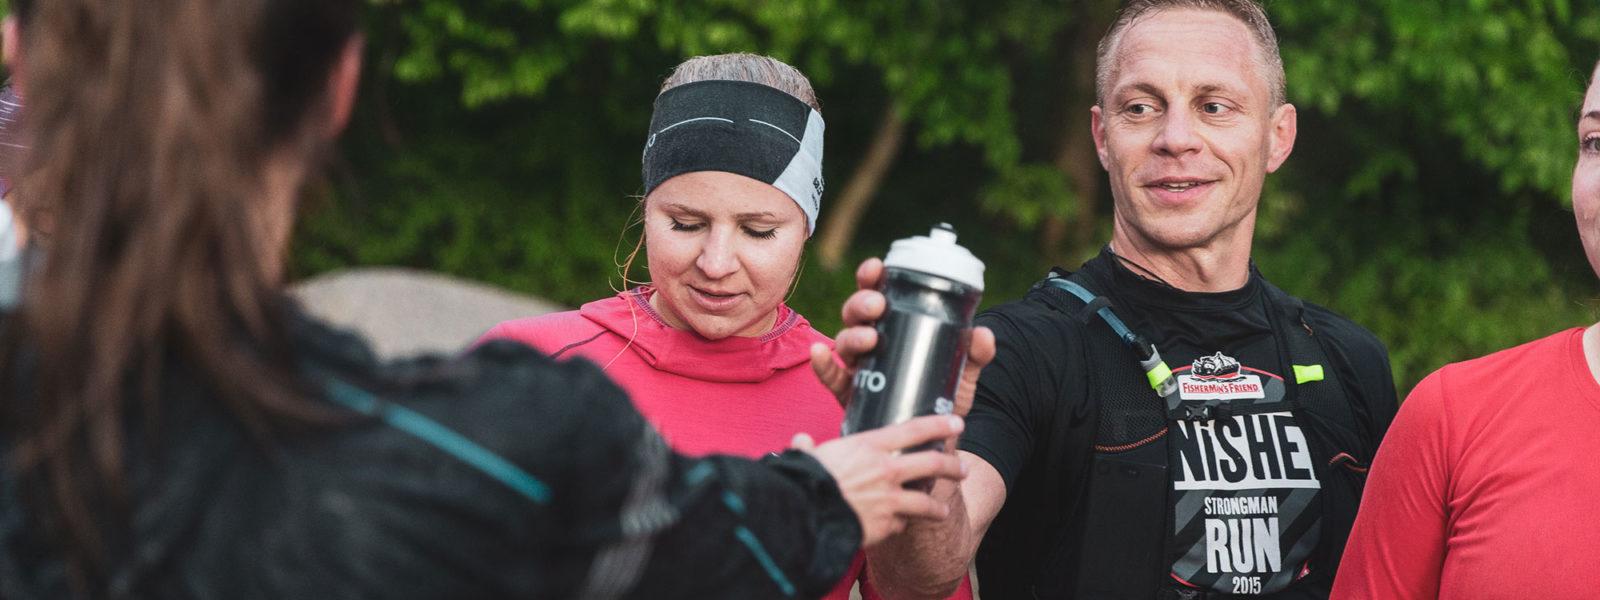 trinken-trailrunning